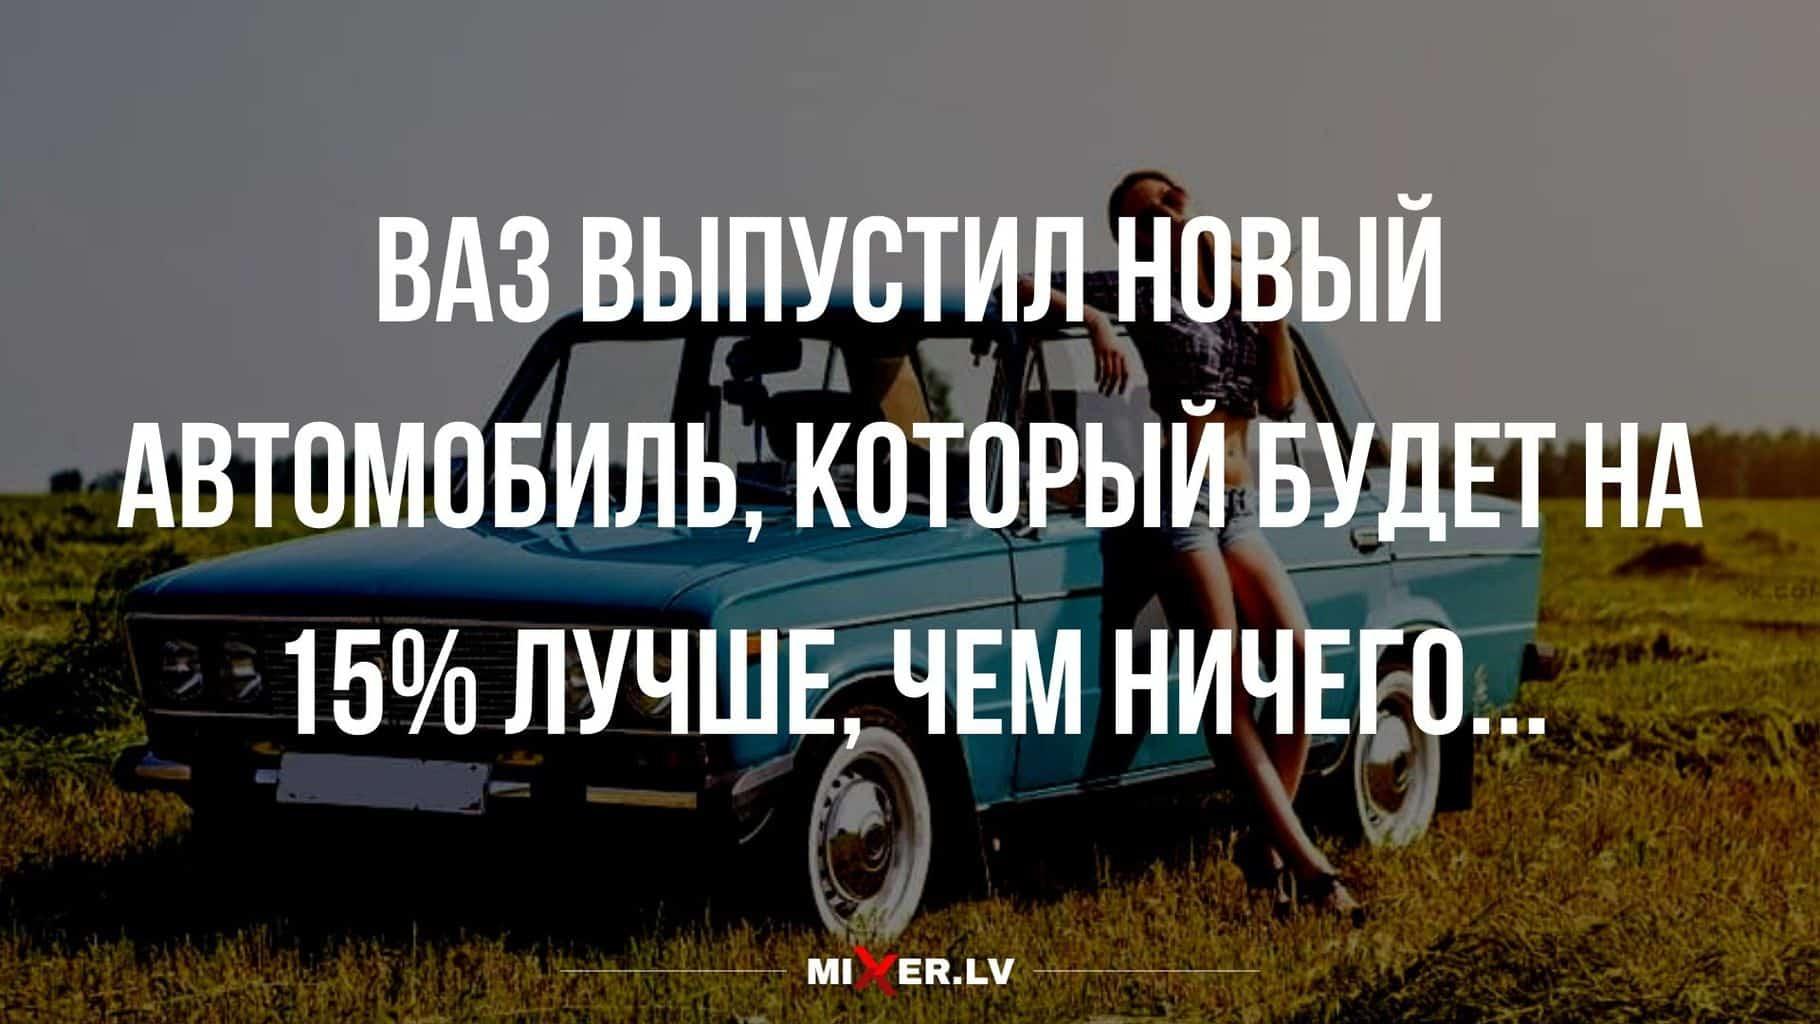 Юмор за сегодня отечественный автопром